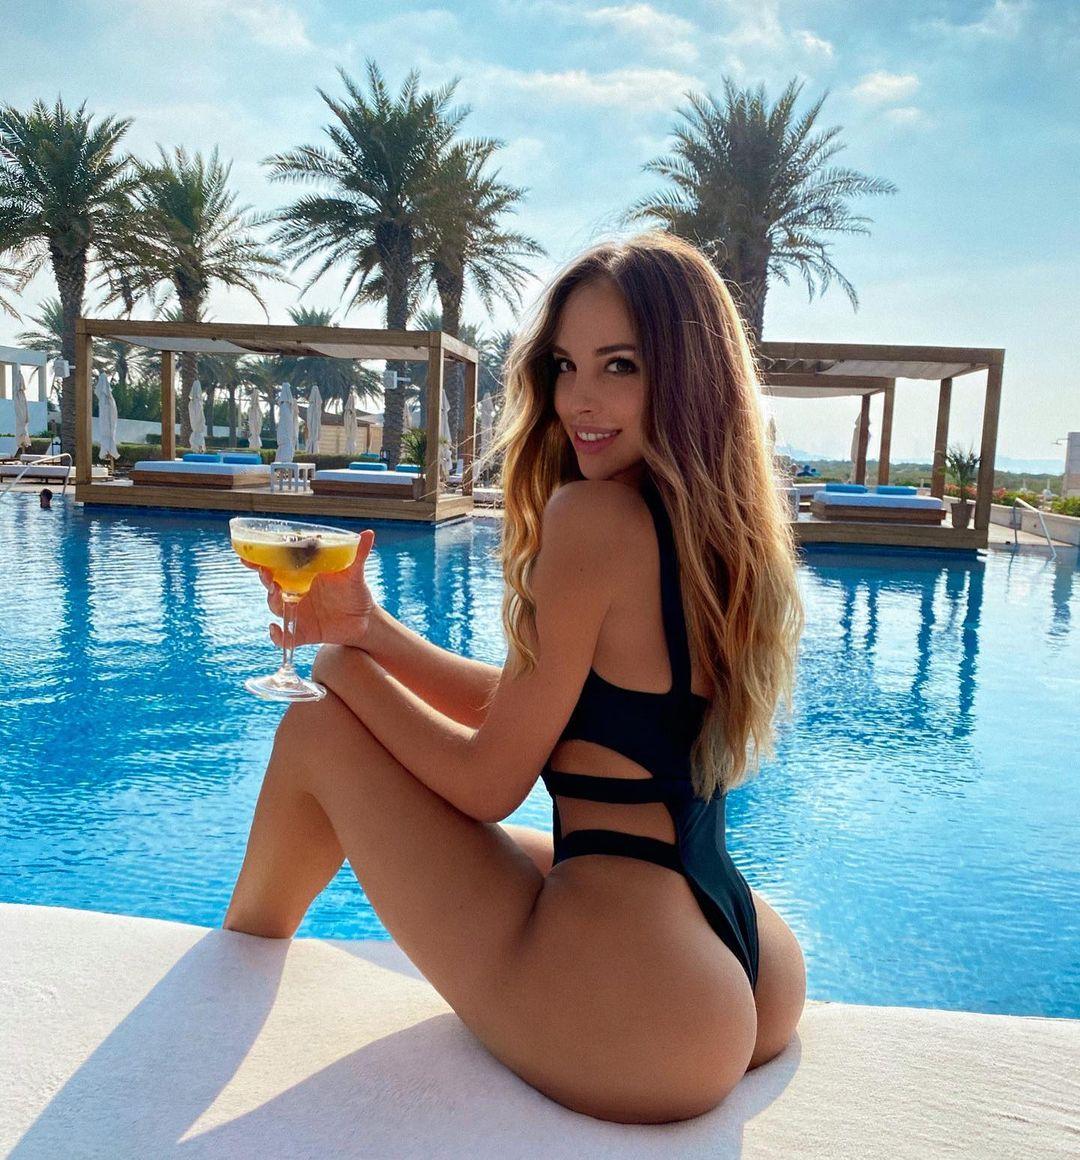 Вероника Белик (Veronica Bielik) - шикарная красотка с более 3 млн подписчиков (28 Фото) 10